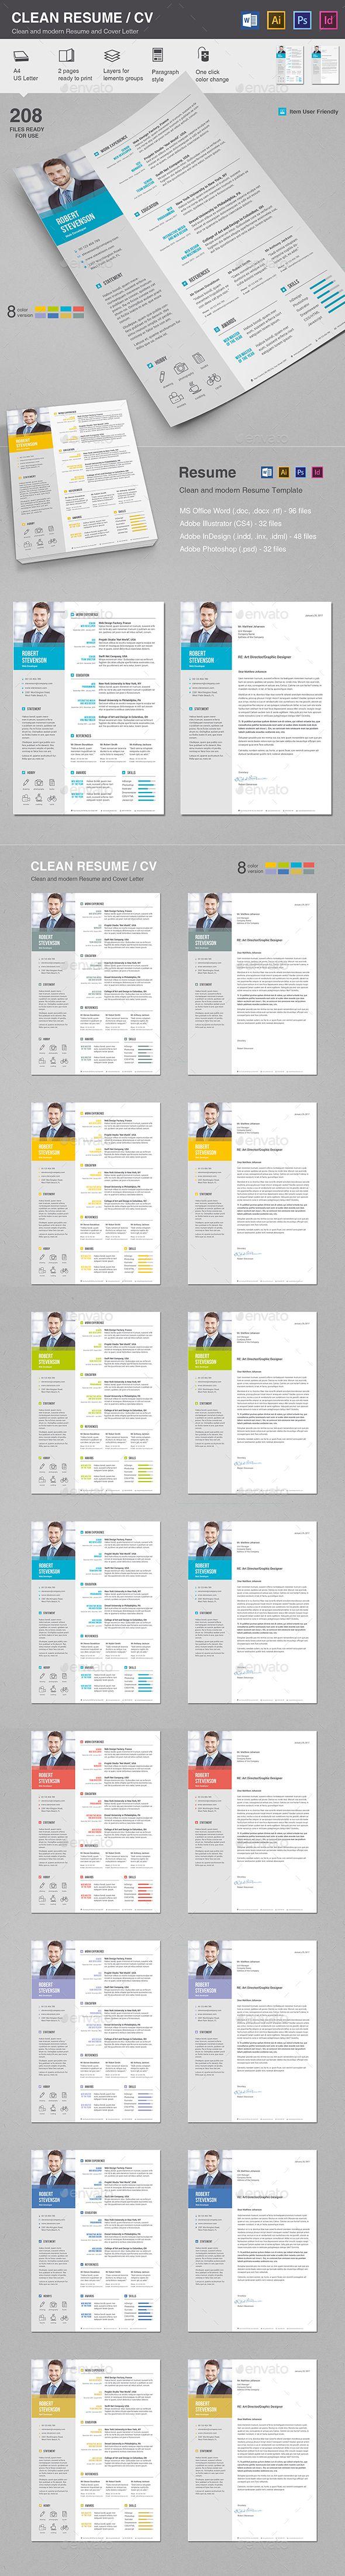 Resume/CV   Plantilla cv, Portafolio y Plantas